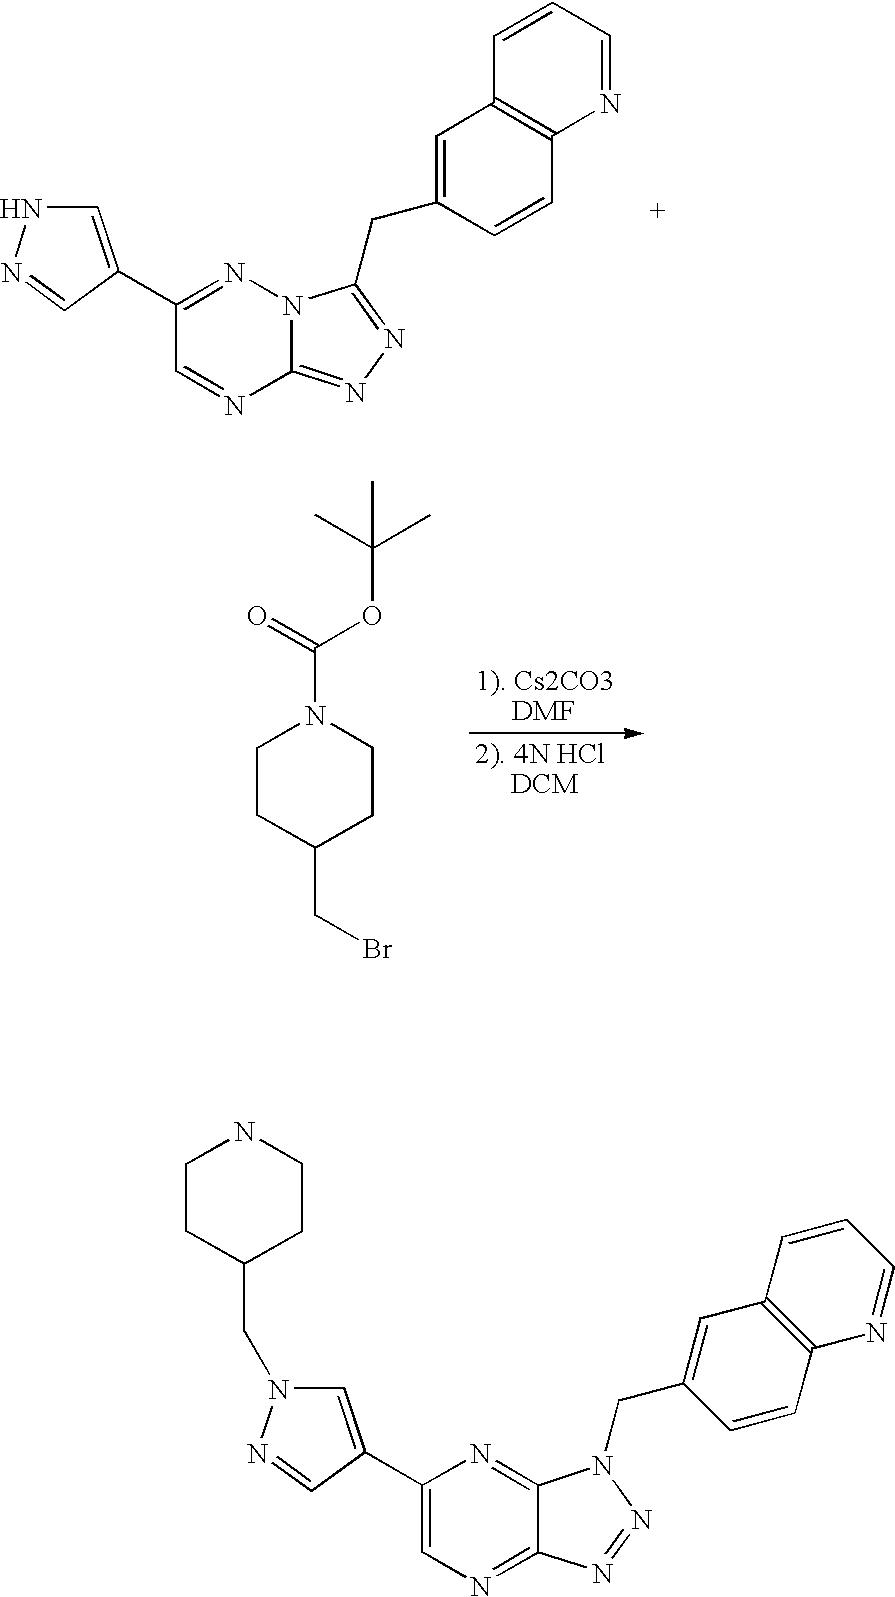 Figure US20100105656A1-20100429-C00017